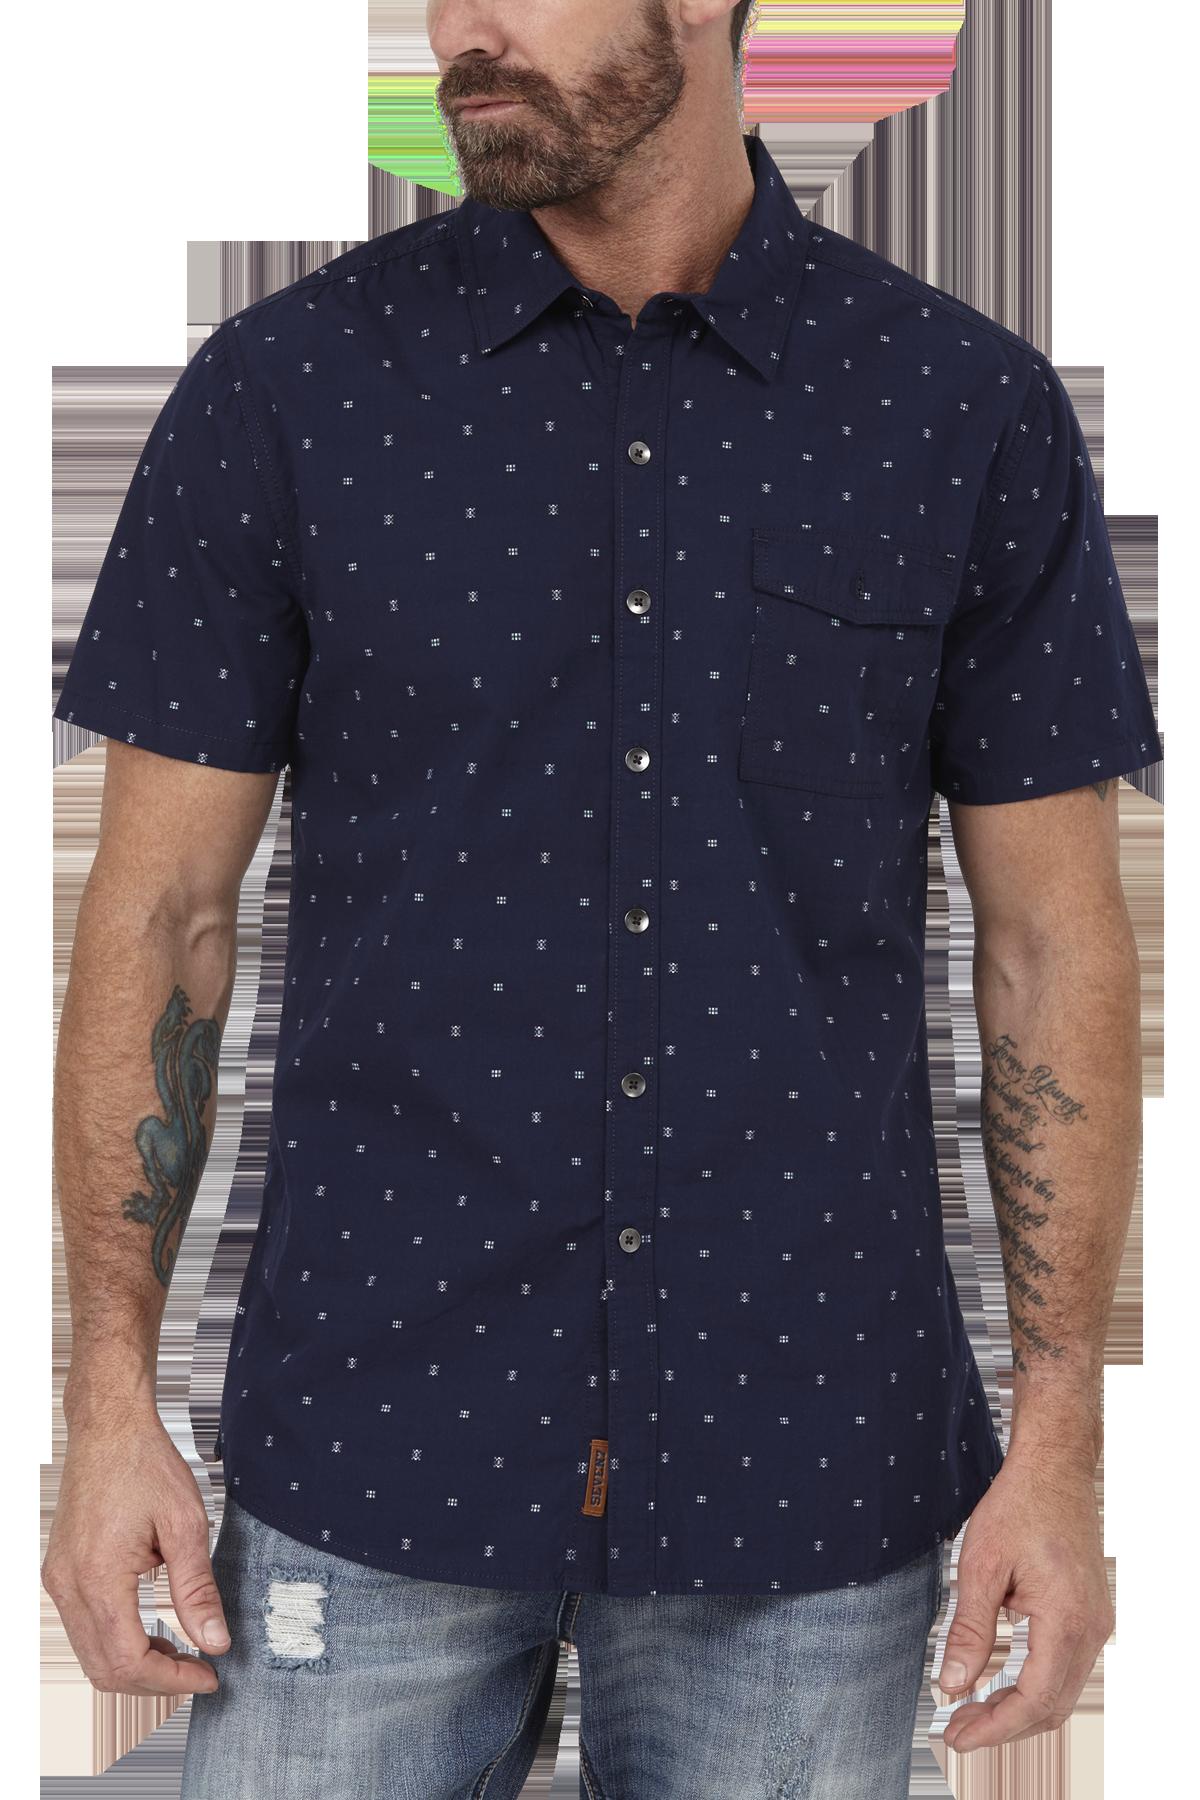 seven7 jeans dot shirt